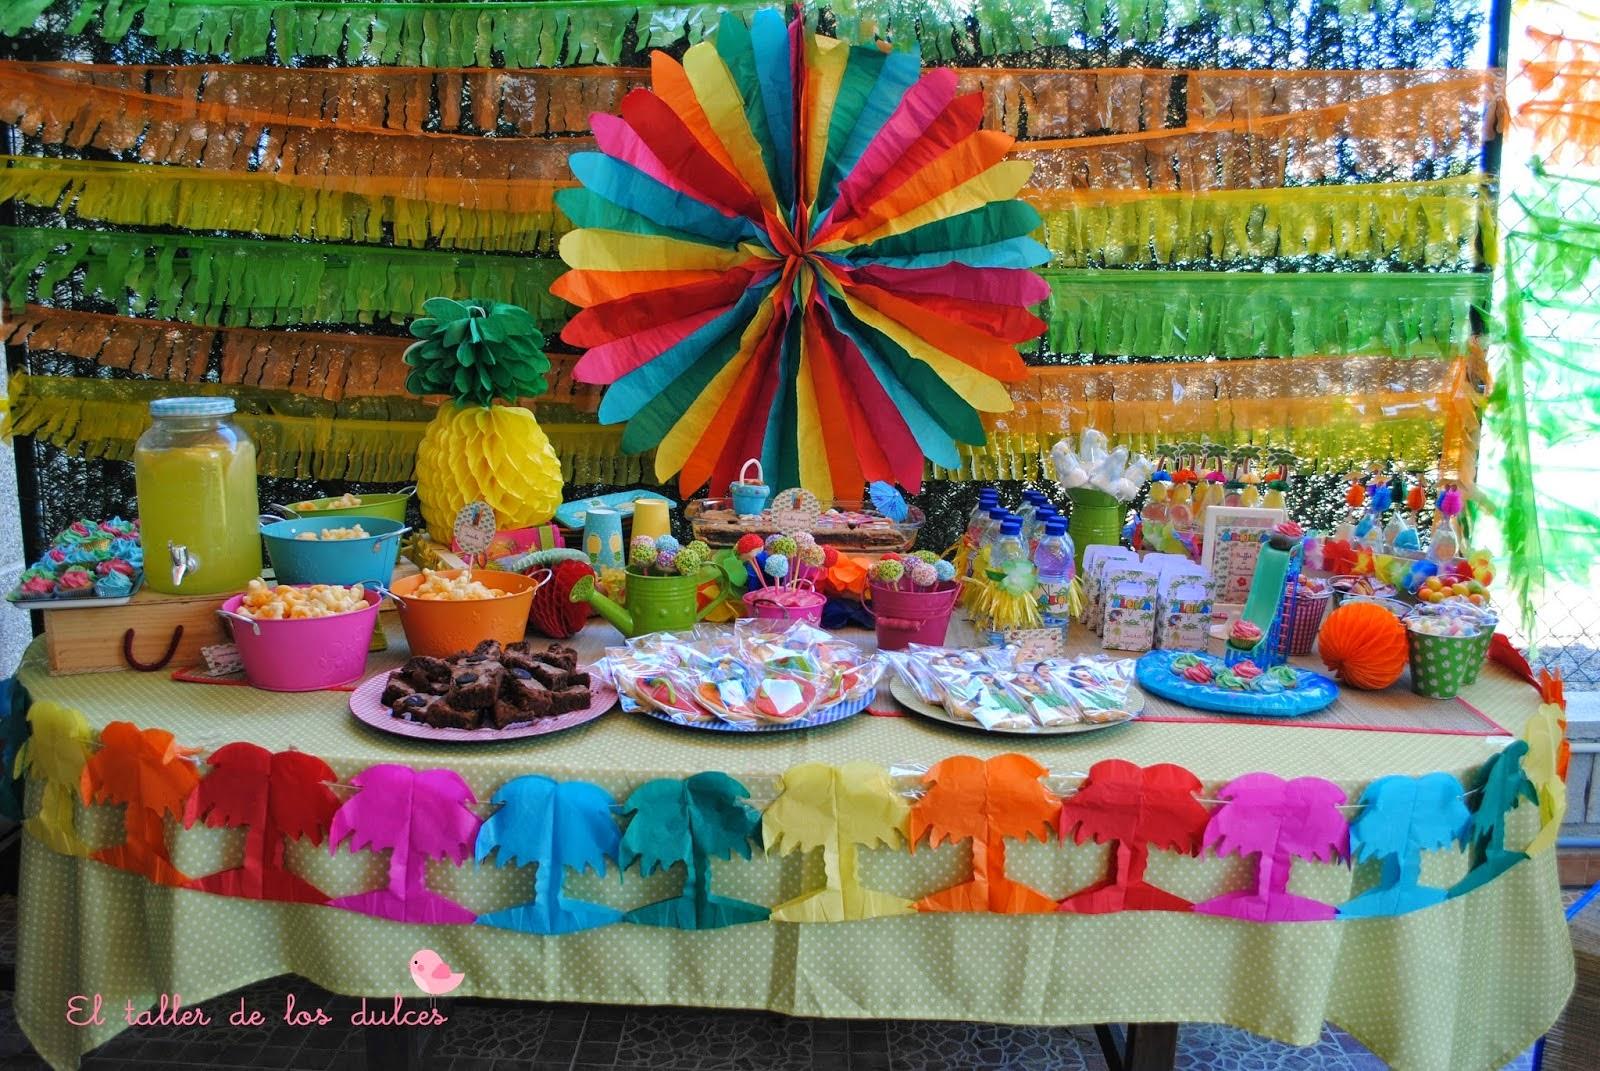 El taller de los dulces mesas dulces y celebraciones for Decoracion mesas fiestas